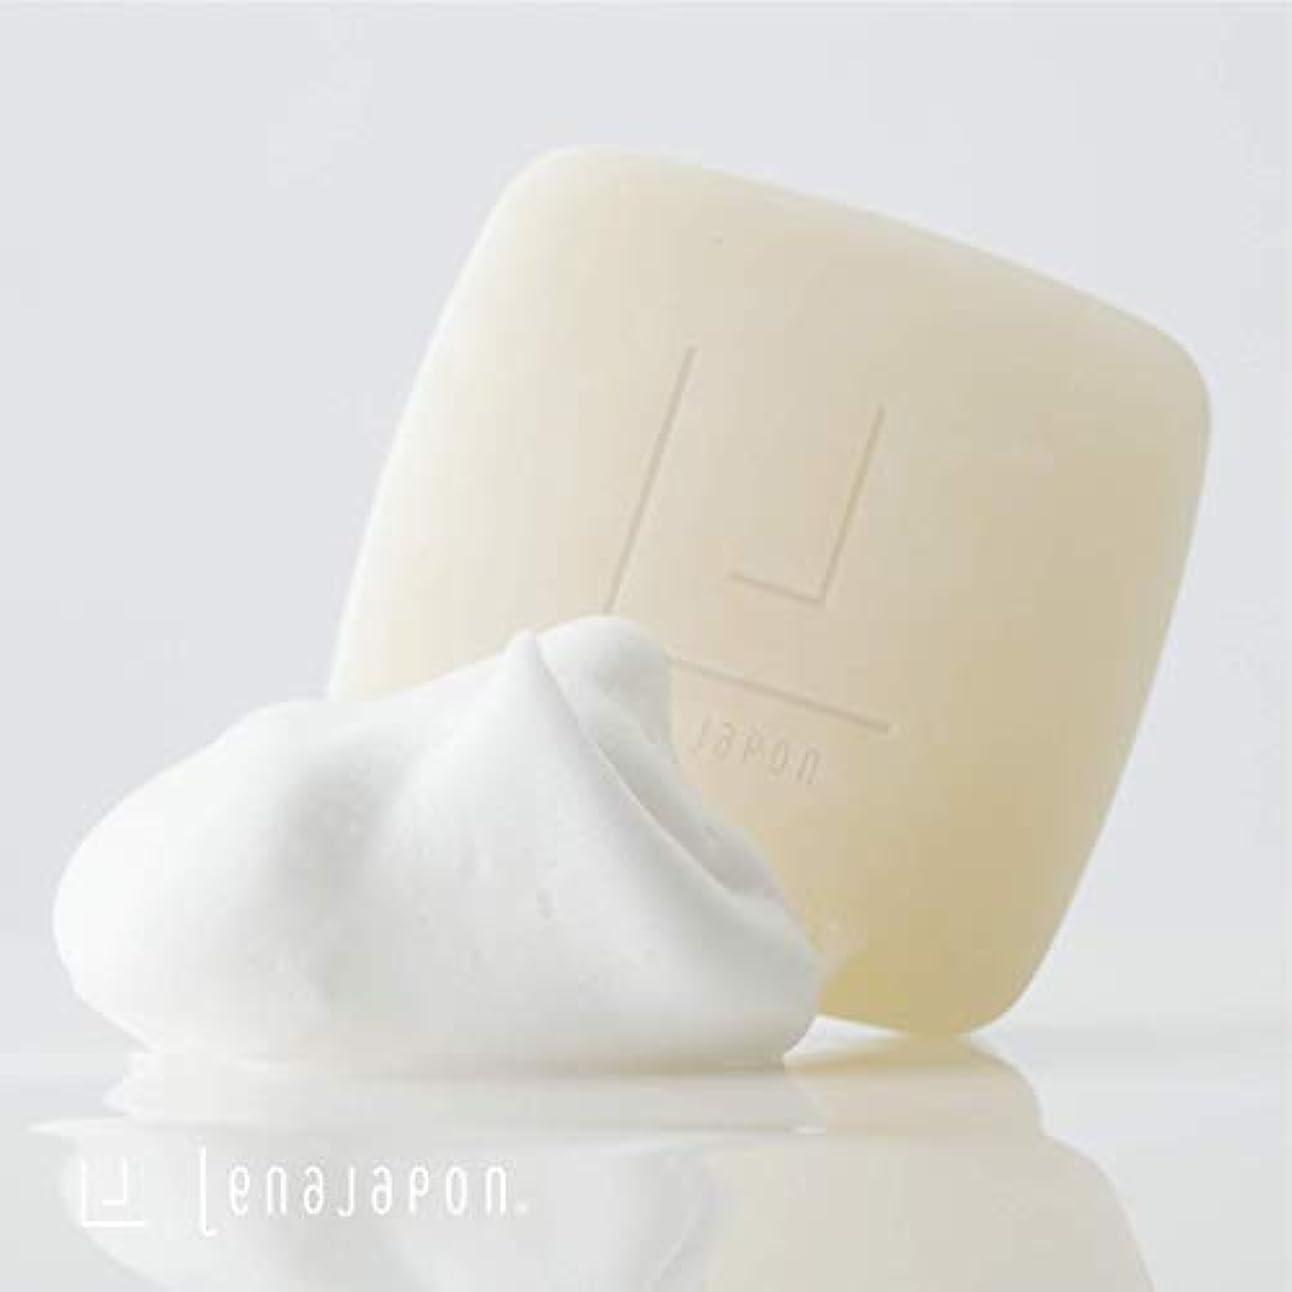 健康時間セグメントレナジャポン〈洗顔石鹸〉LJ モイストバー / LENAJAPON 〈rich foaming face soap〉 LJ MOIST BAR